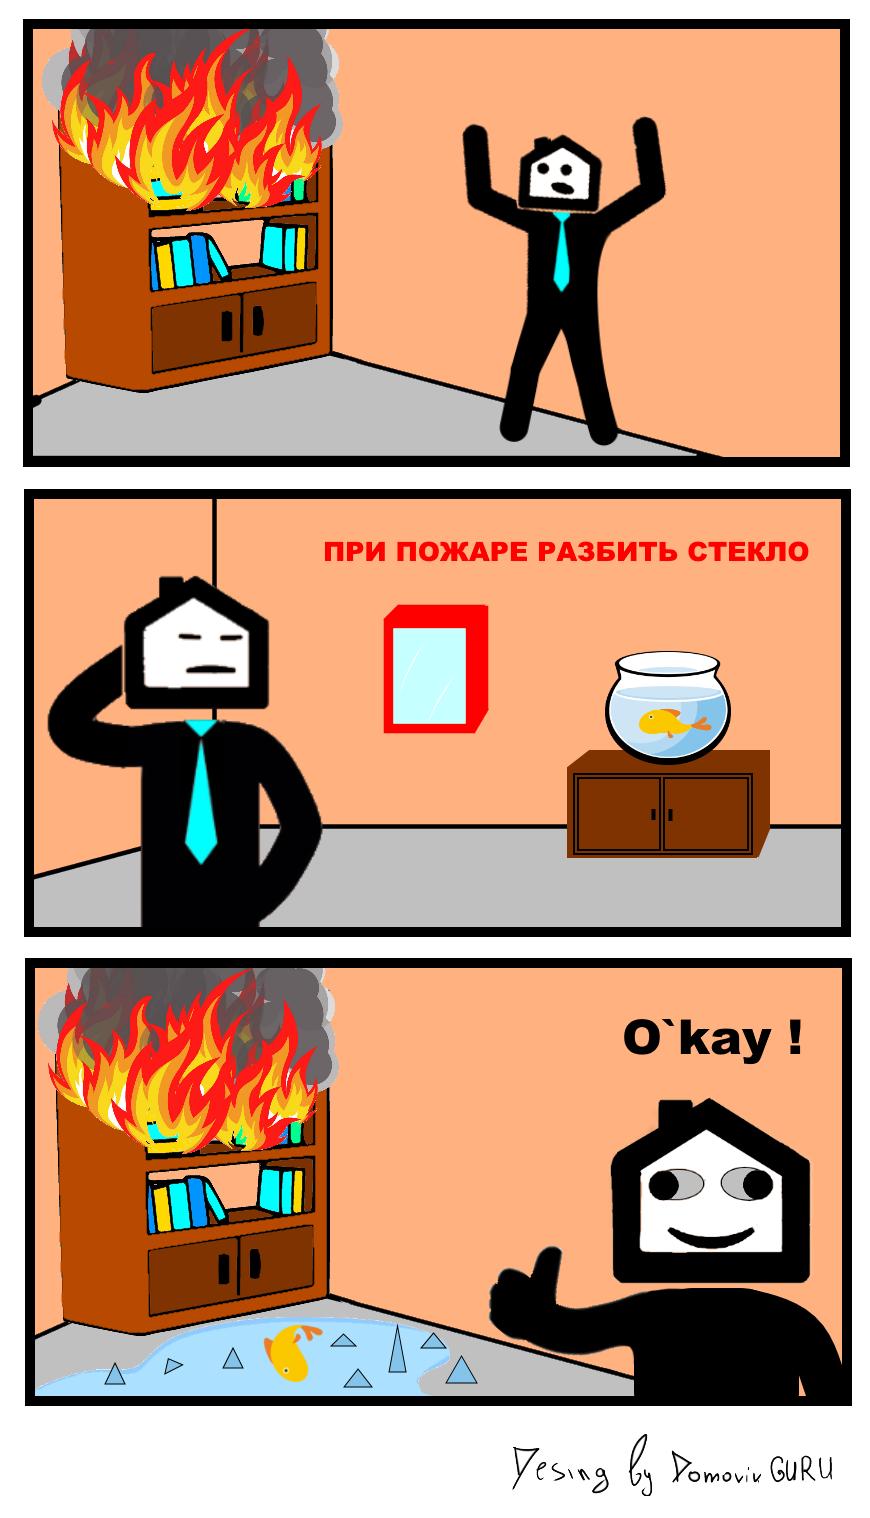 Пожар в офисе комикс